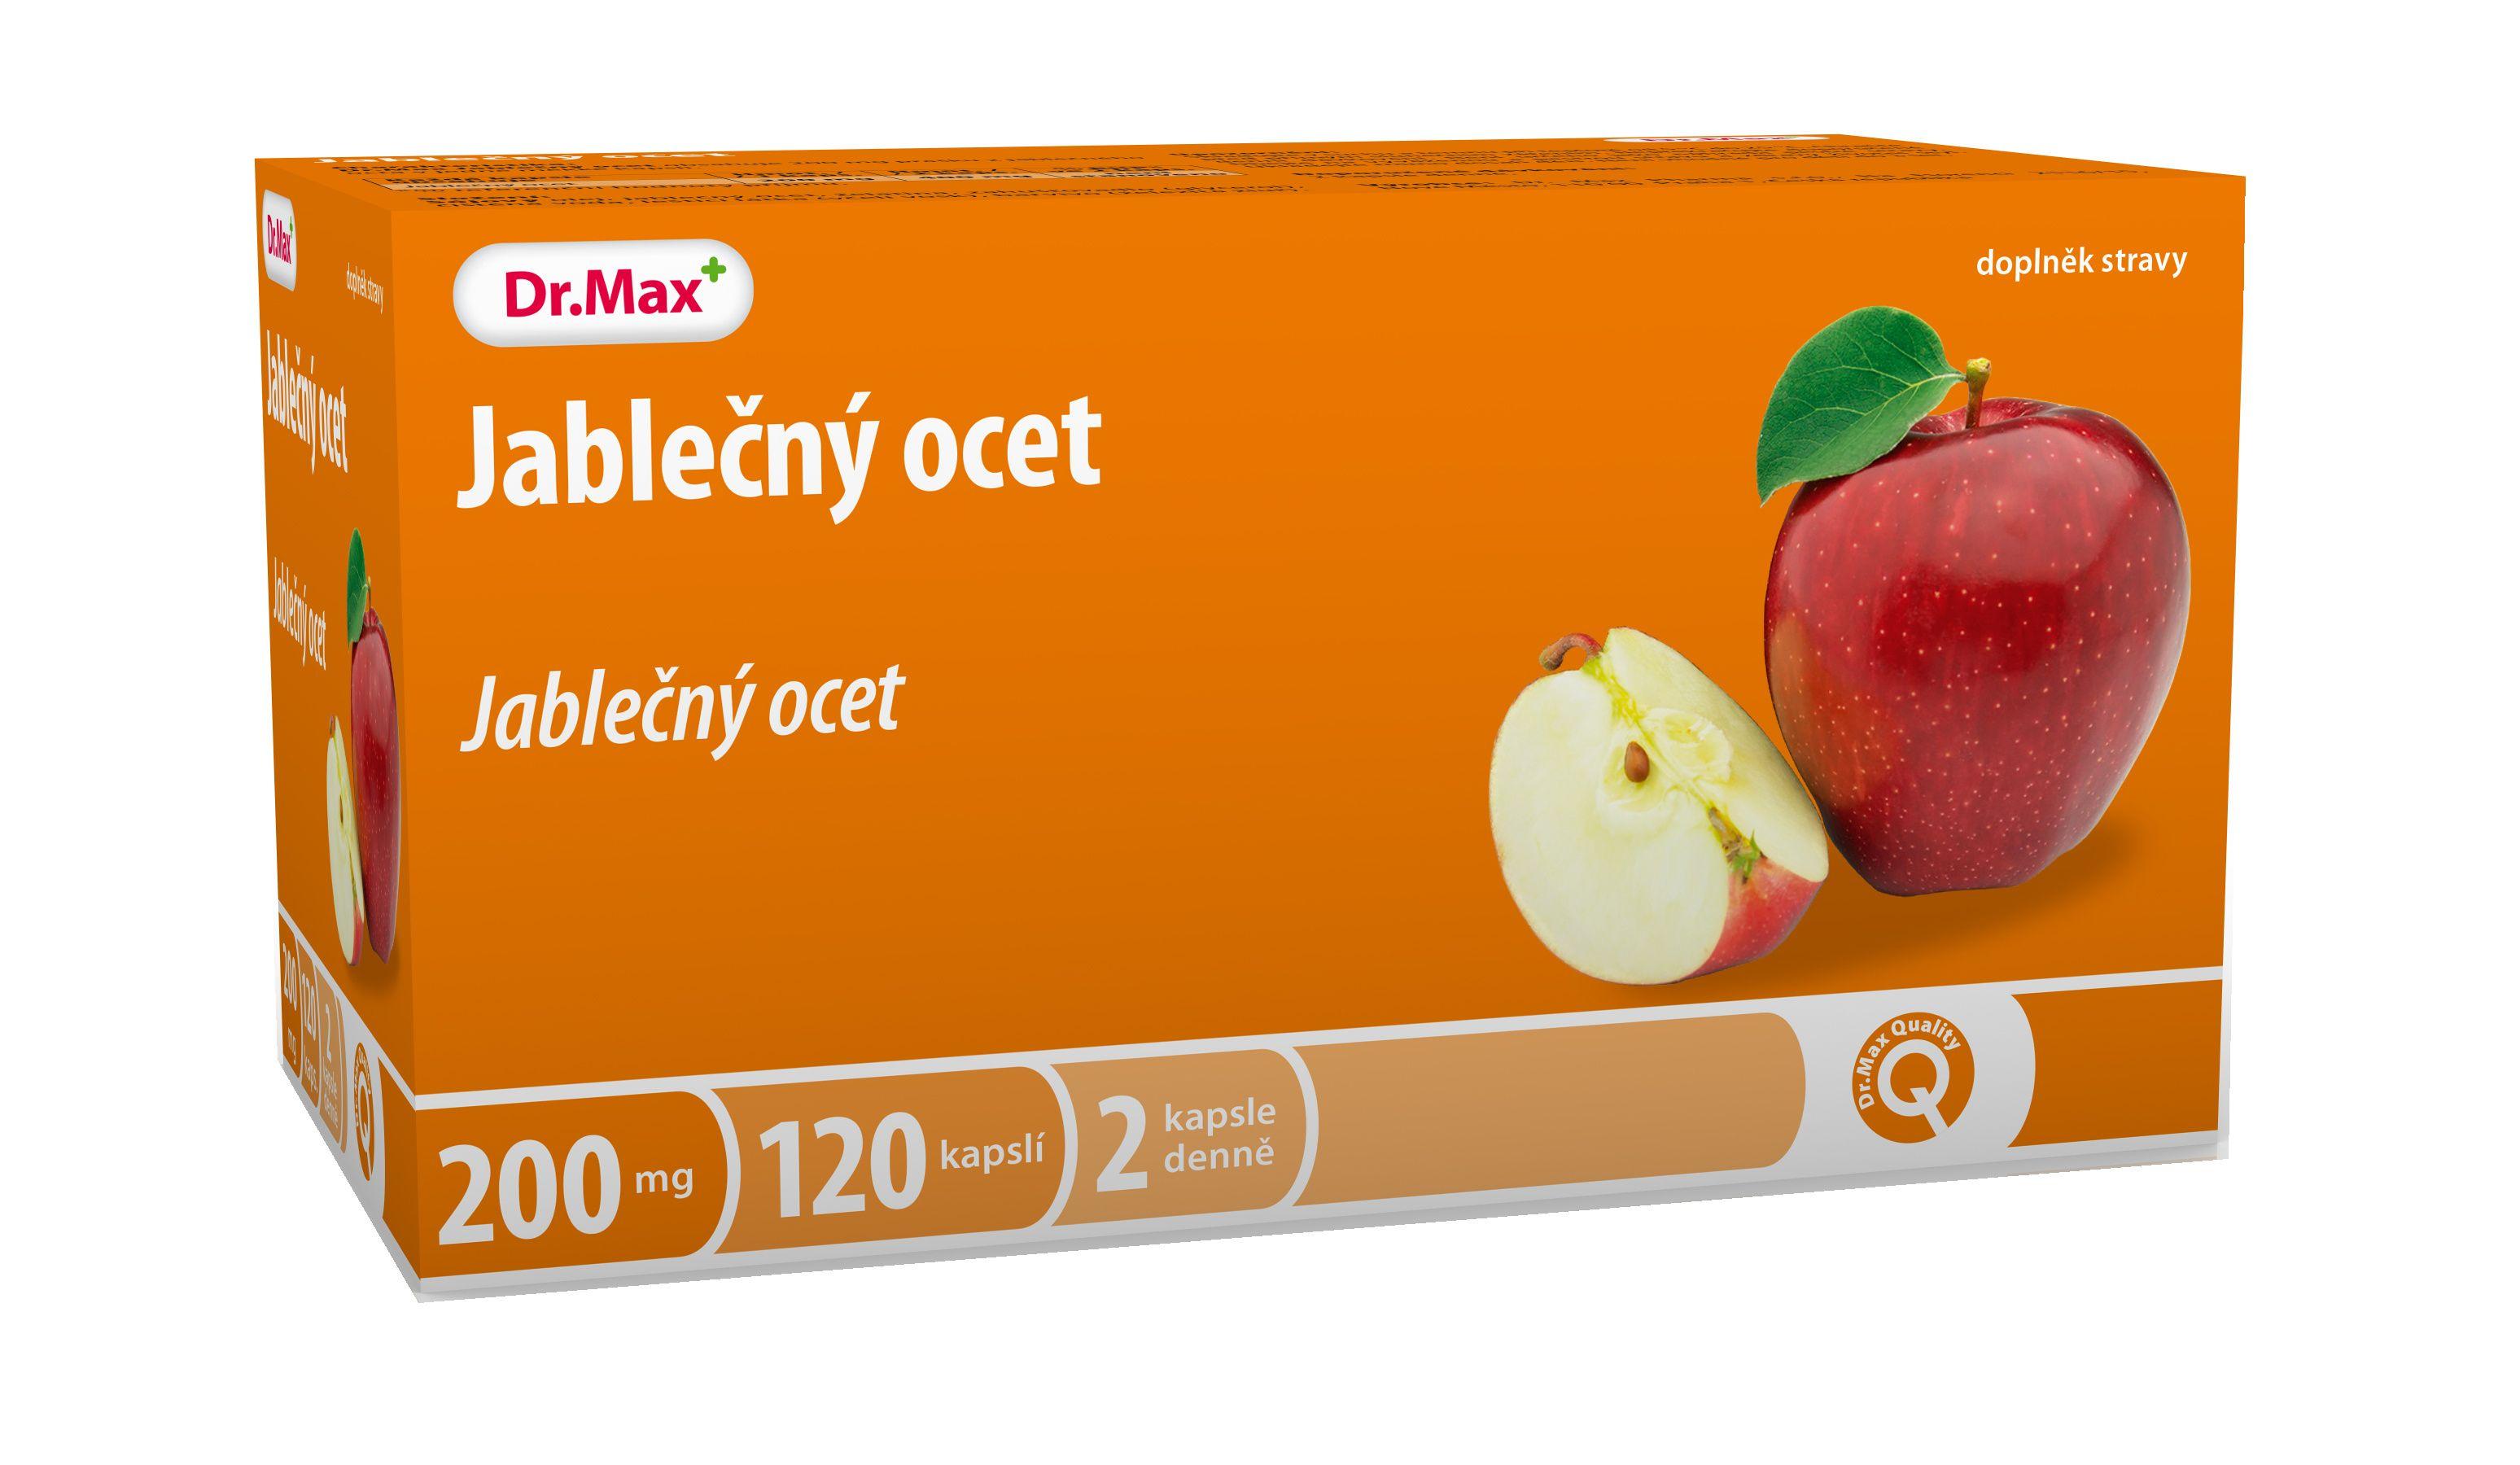 Dr.Max Jablečný ocet 120 kapslí